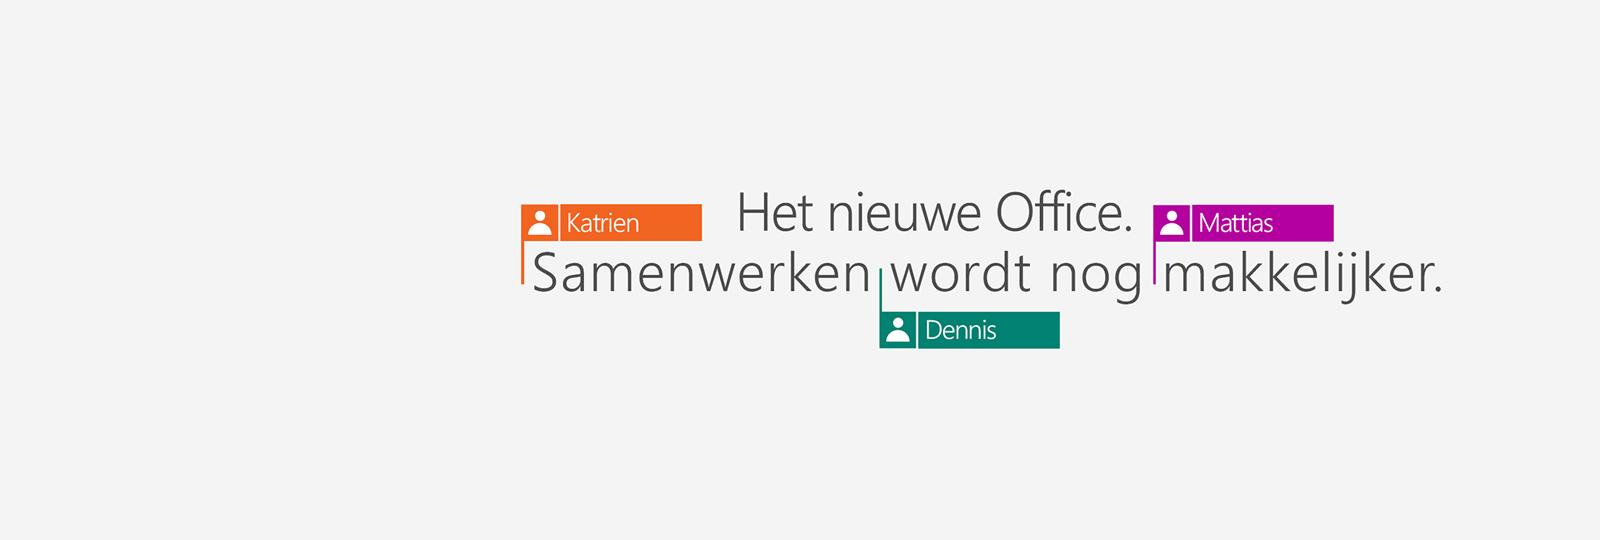 Koop Office 365 met de nieuwe 2016-apps.